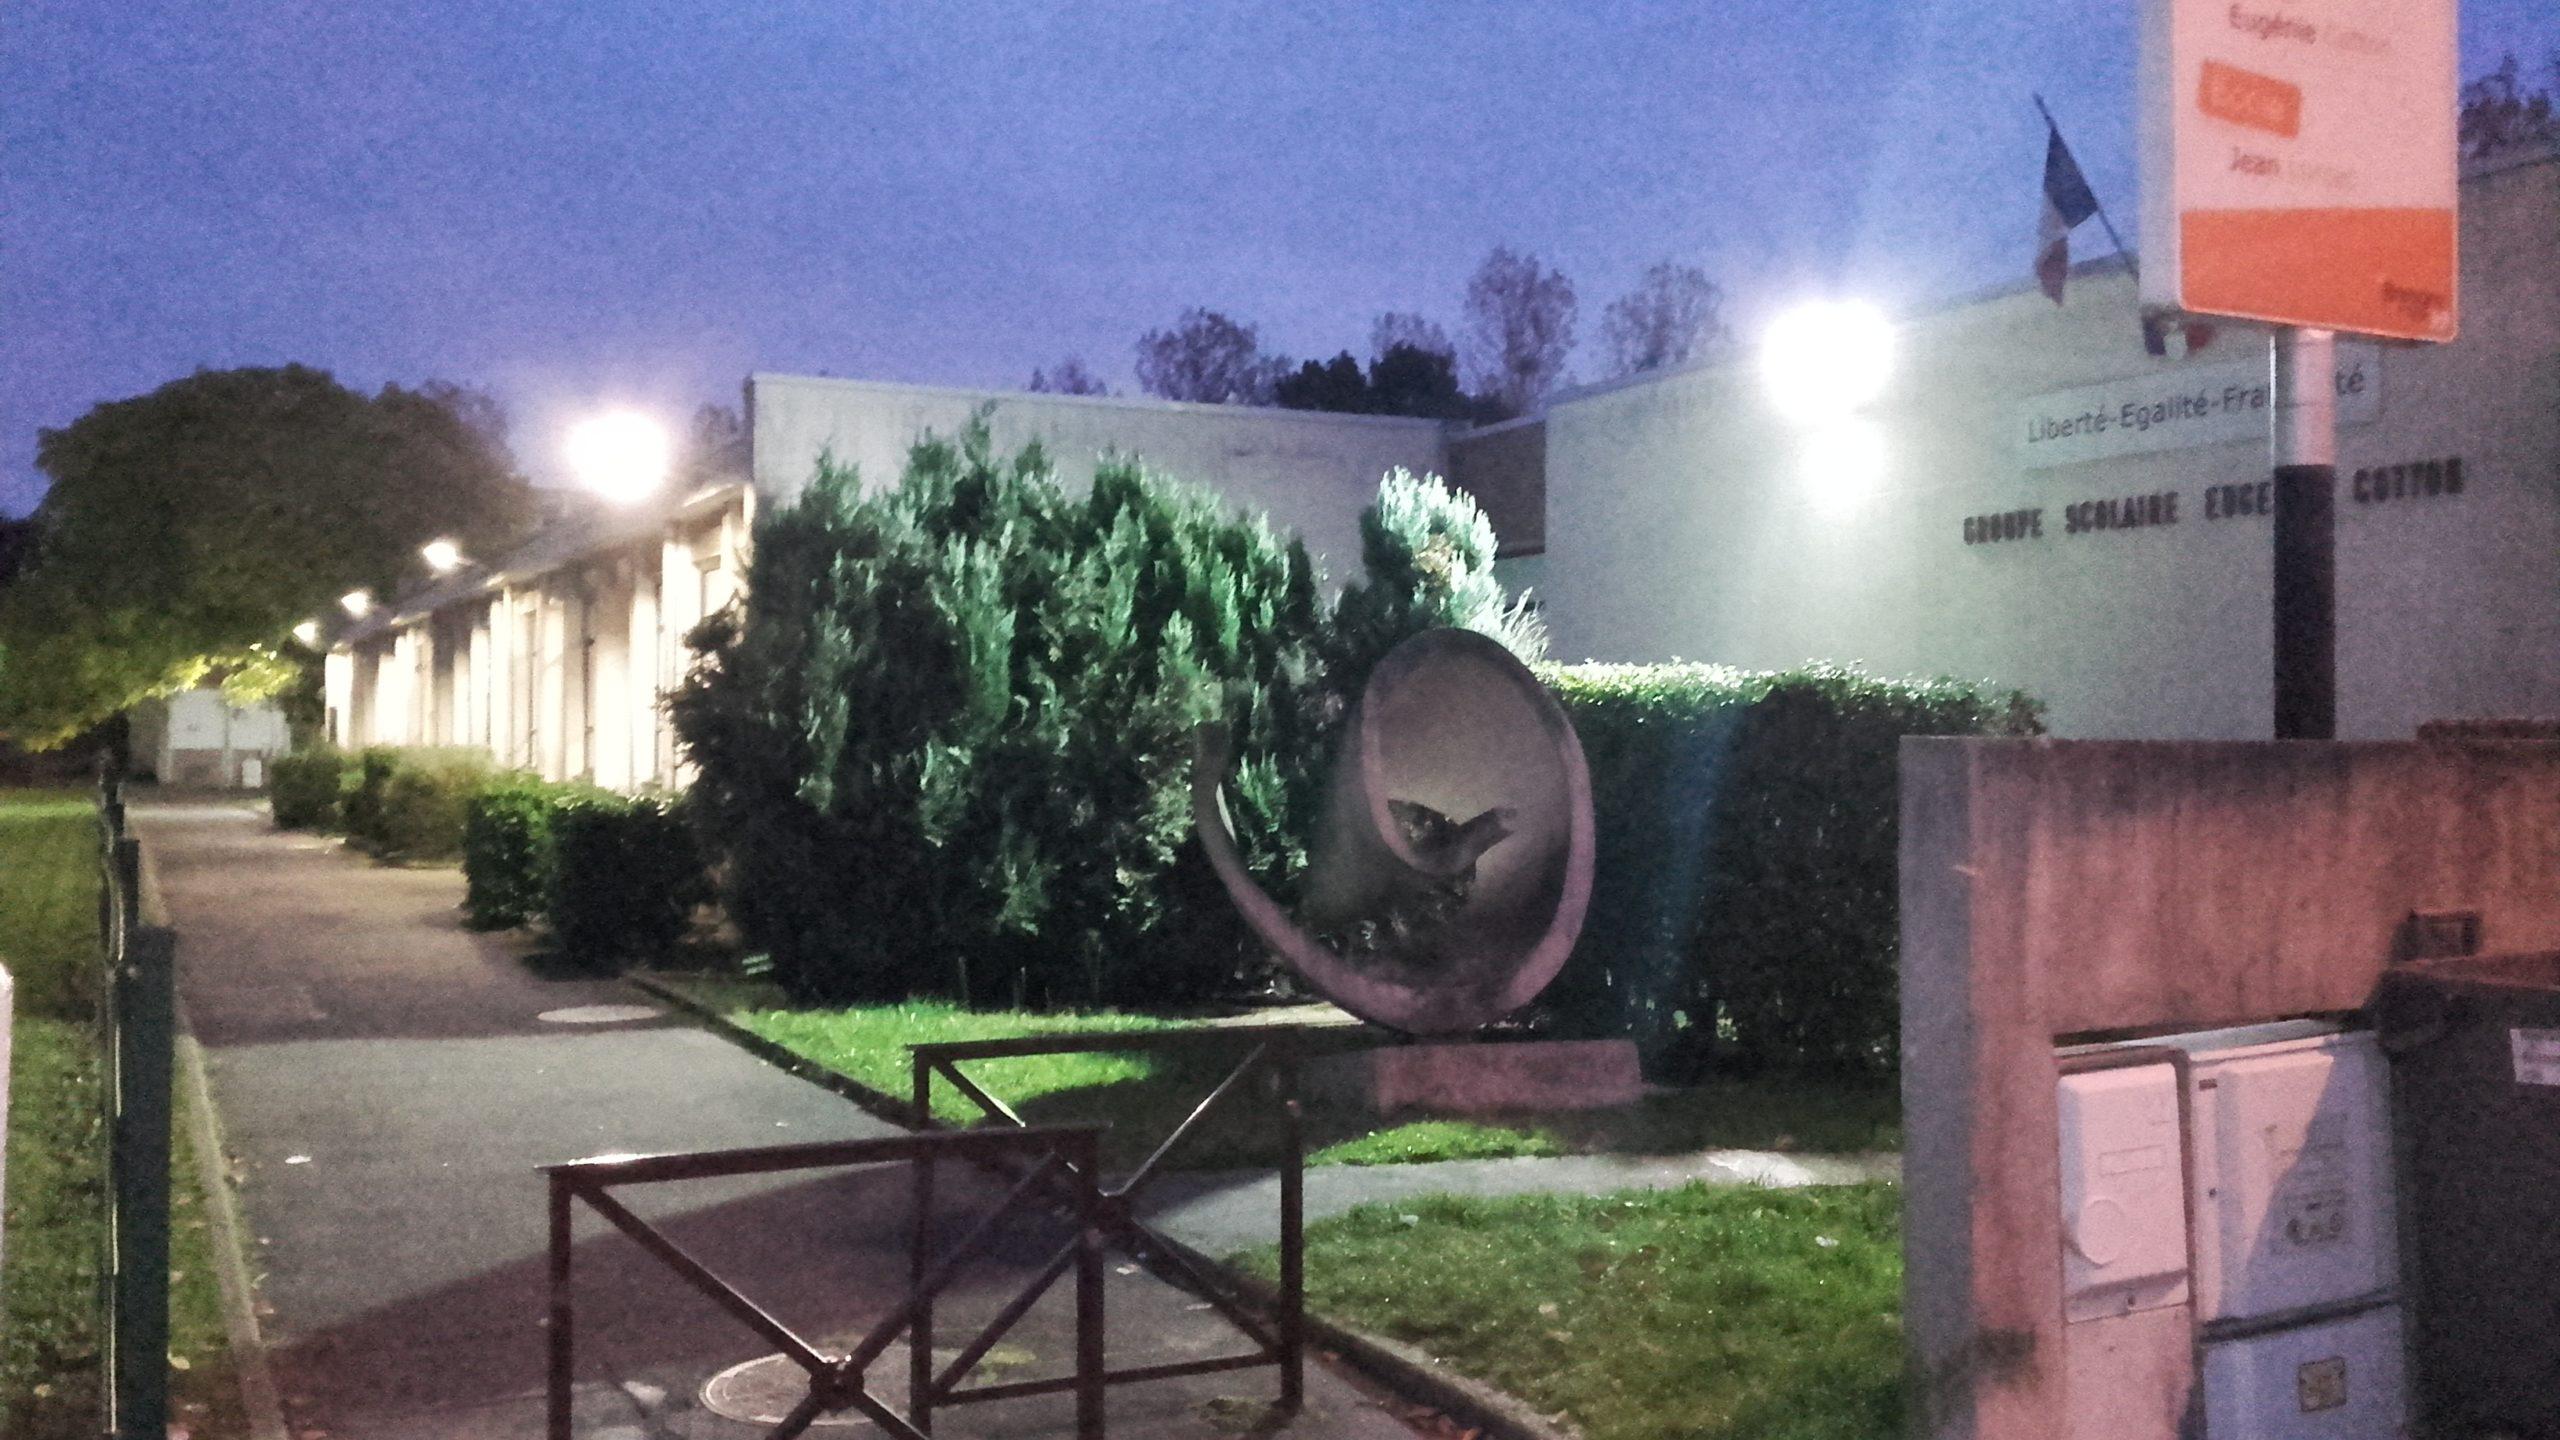 Eclairage Public - école Bretigny sur Orge